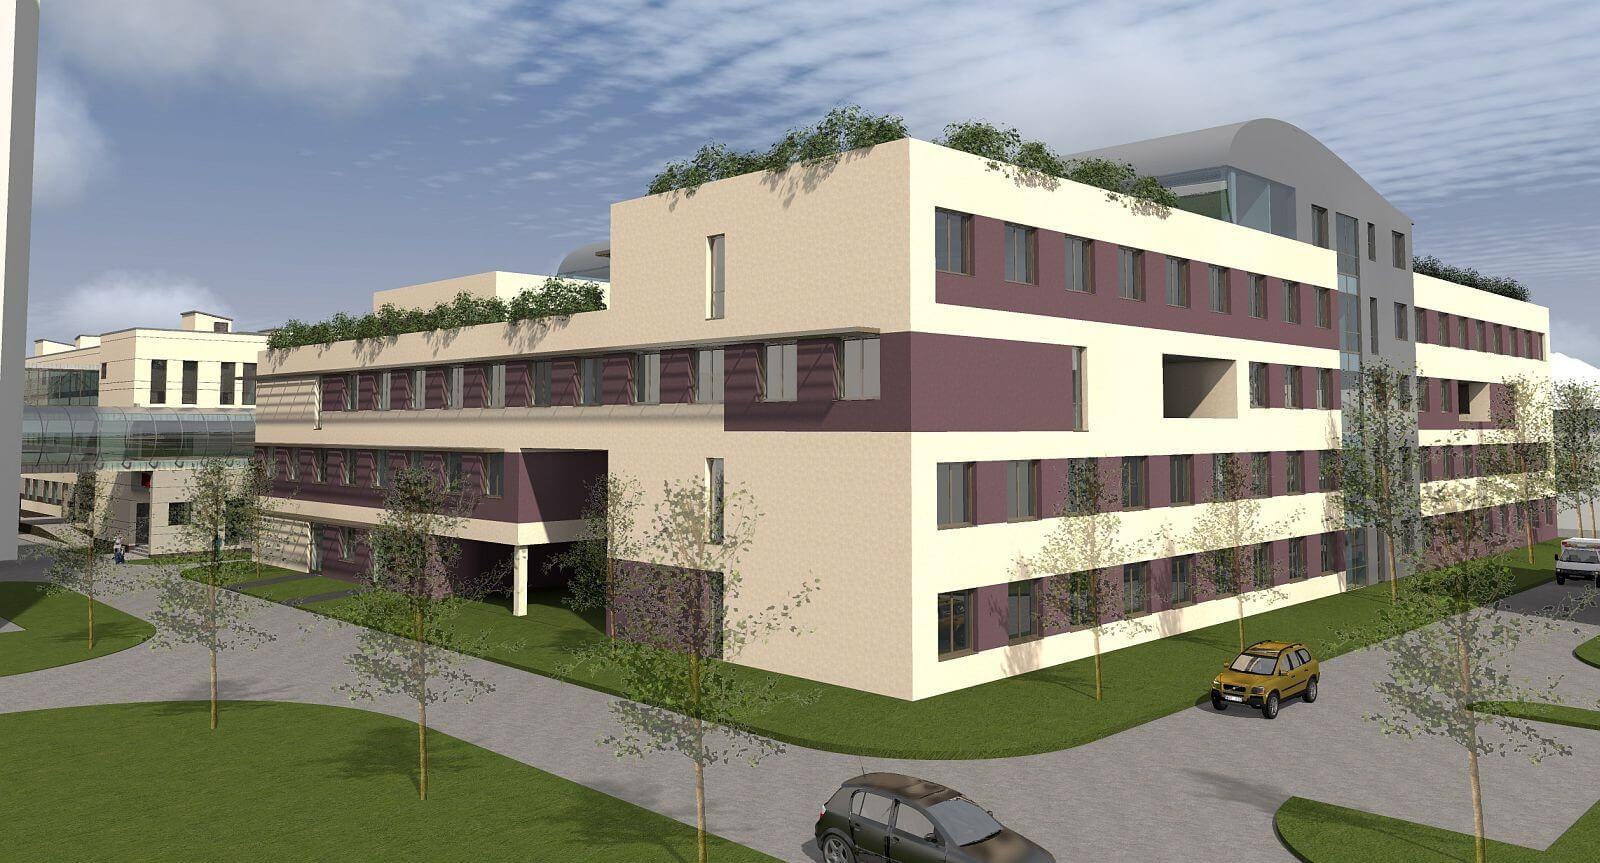 7 milliárd forint jut az új belgyógyászati tömb építésére Székesfehérváron